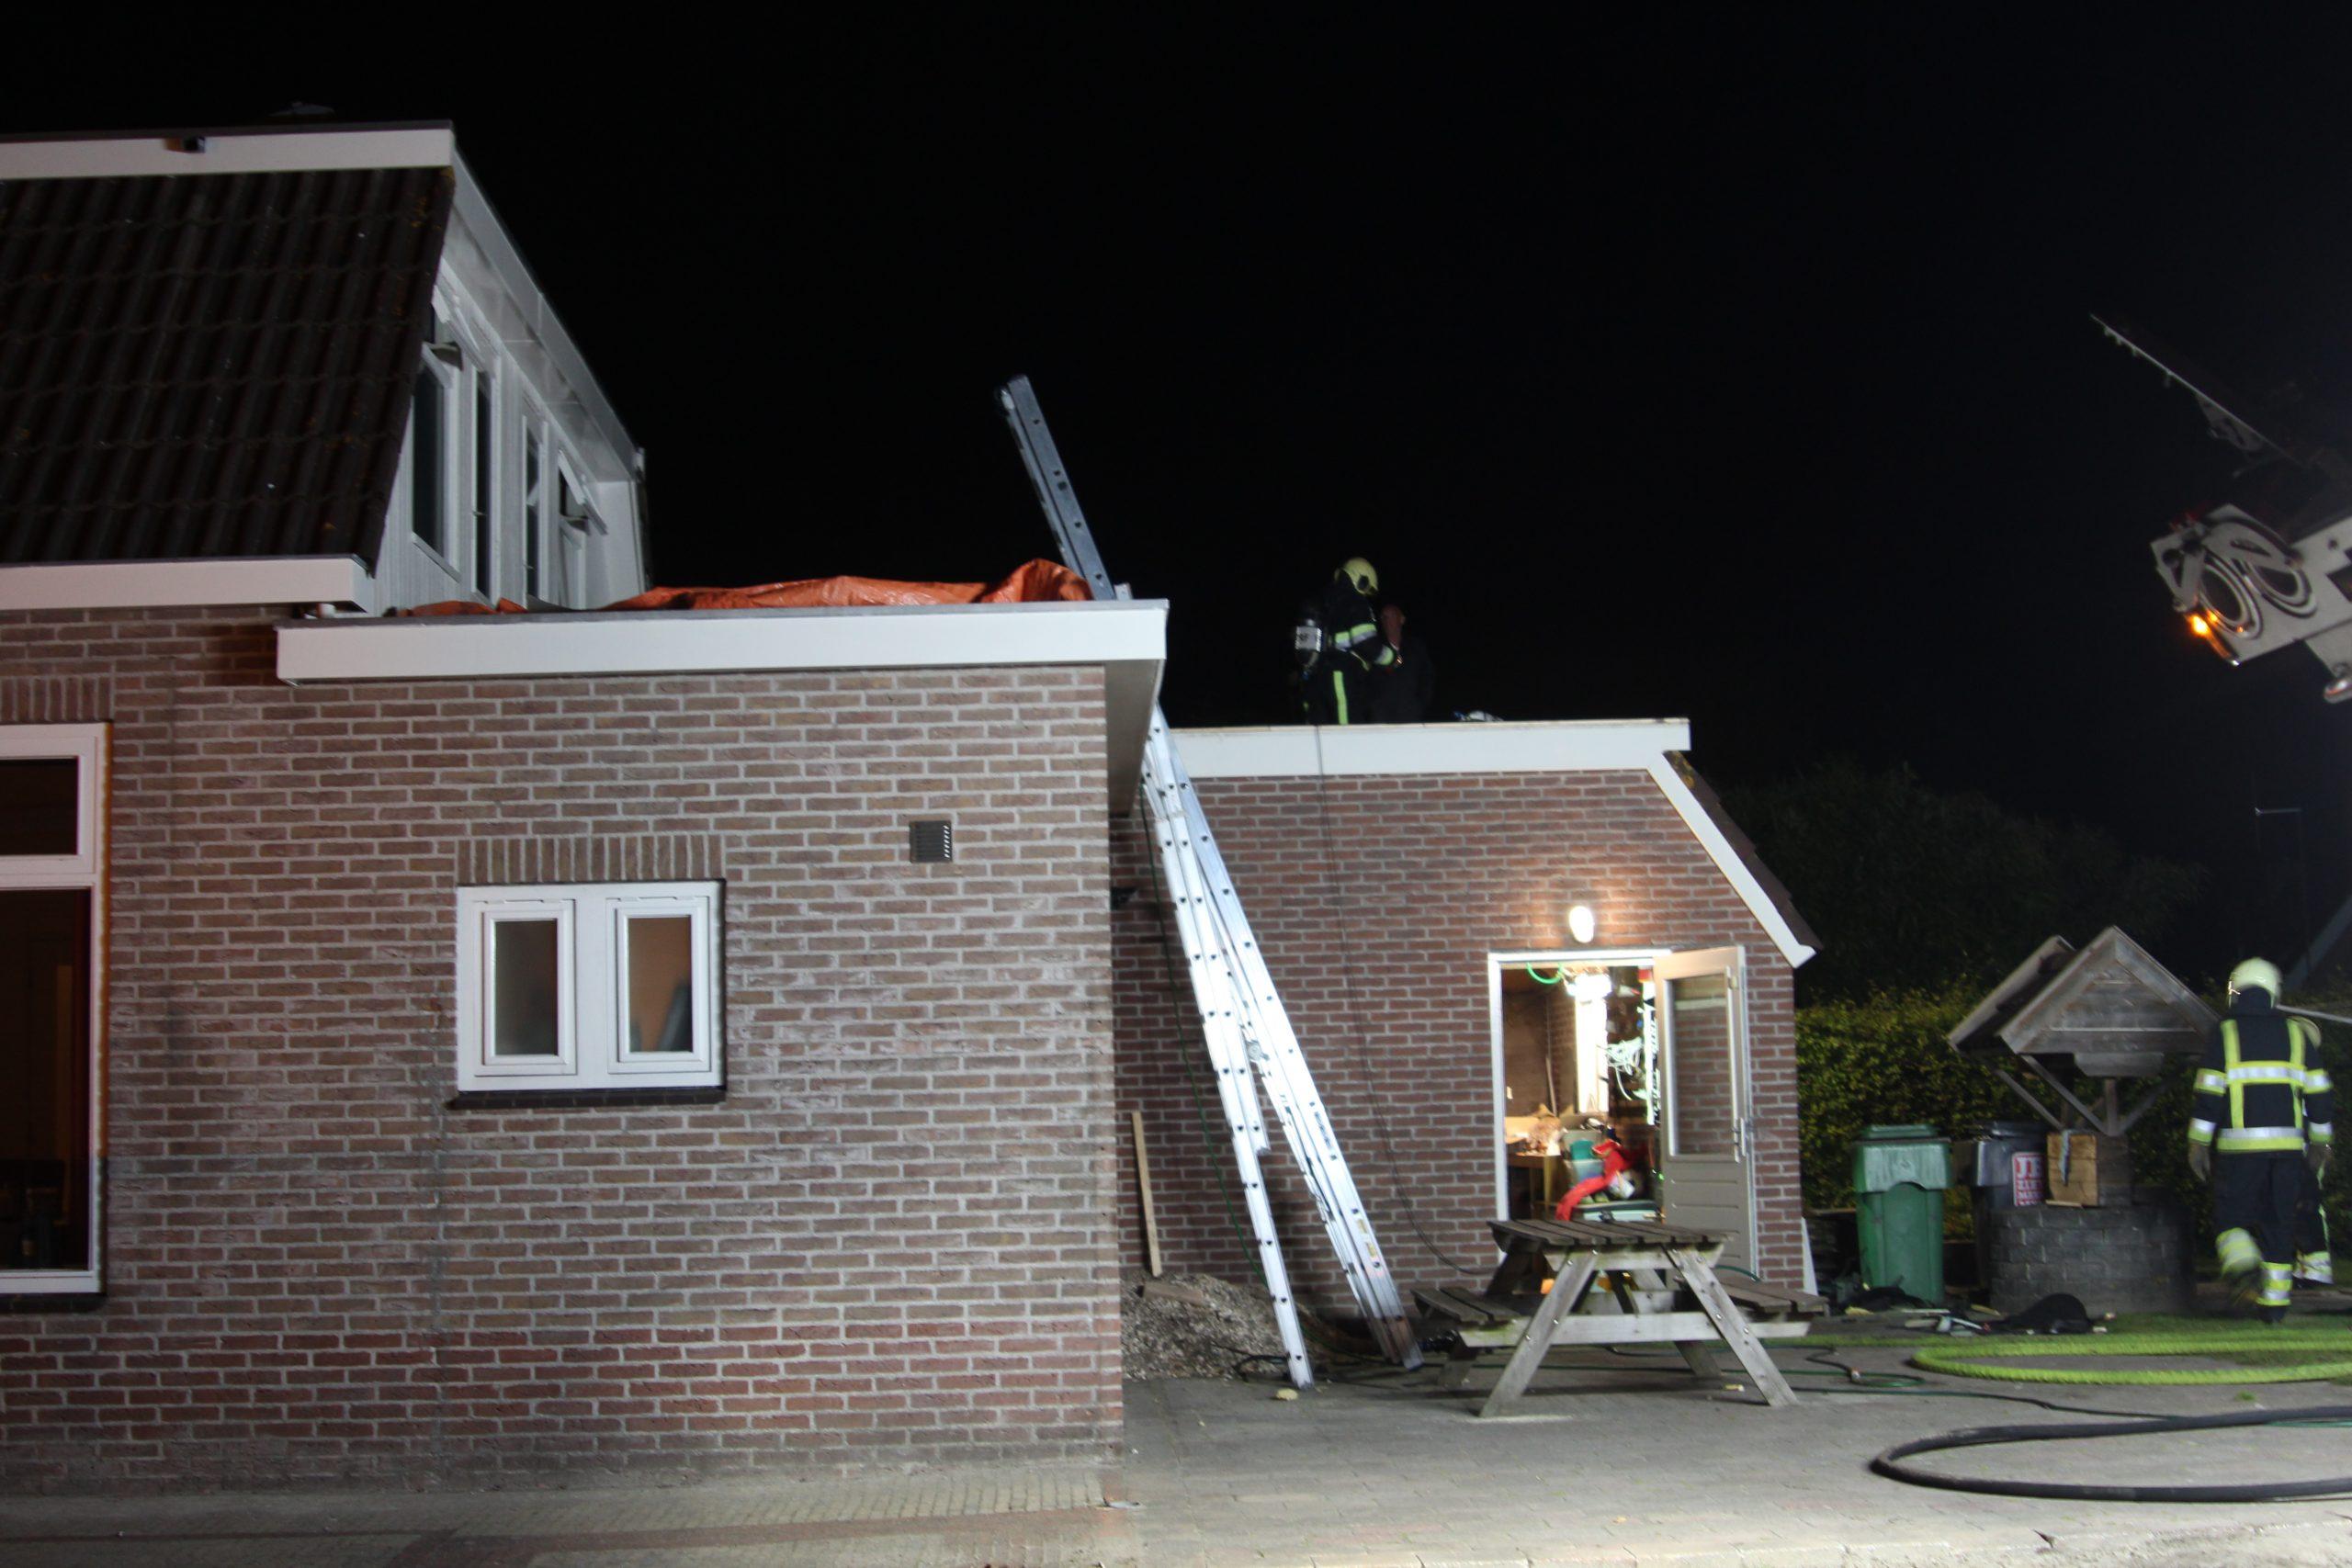 Brandweer rukt uit voor melding brand op dak in Garyp